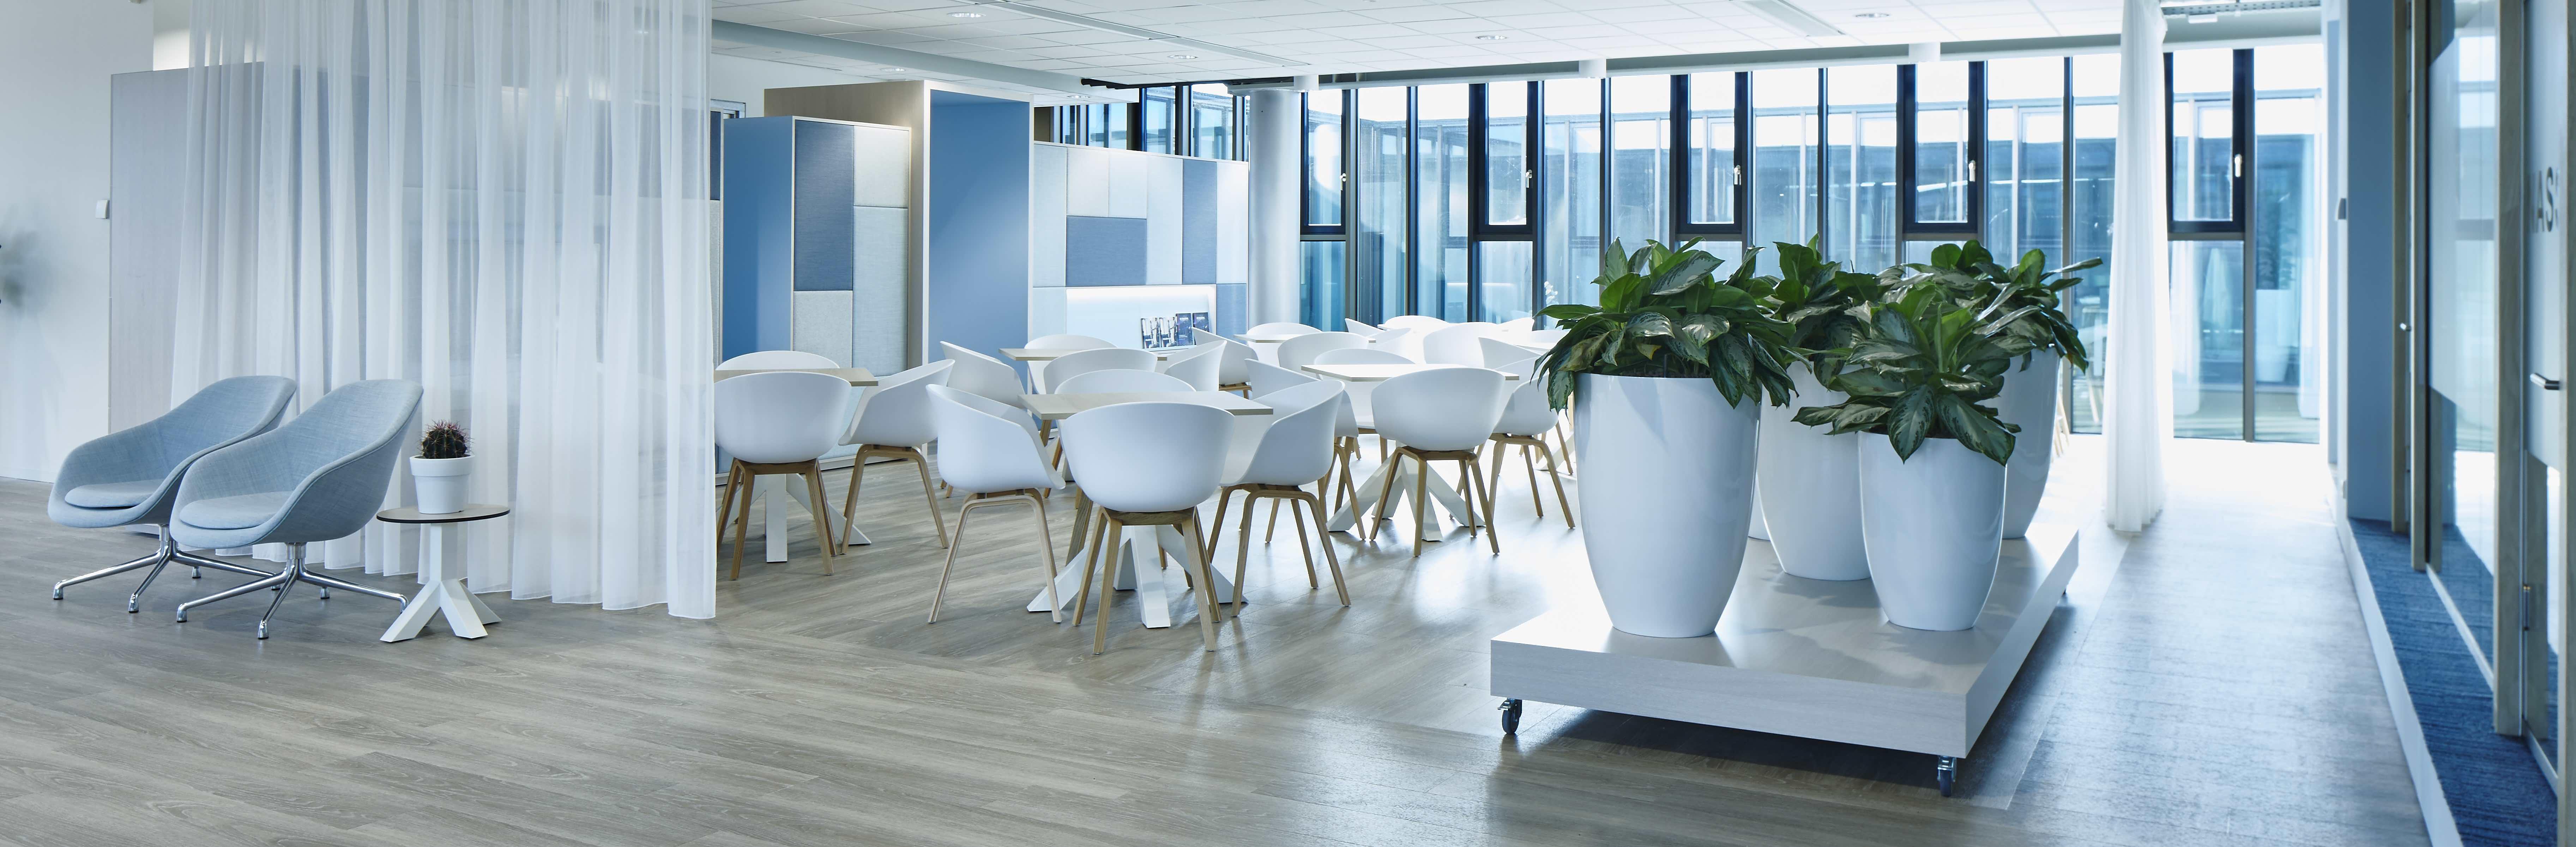 BDO Breda innovative office   M plus R interior architecture   Media ...